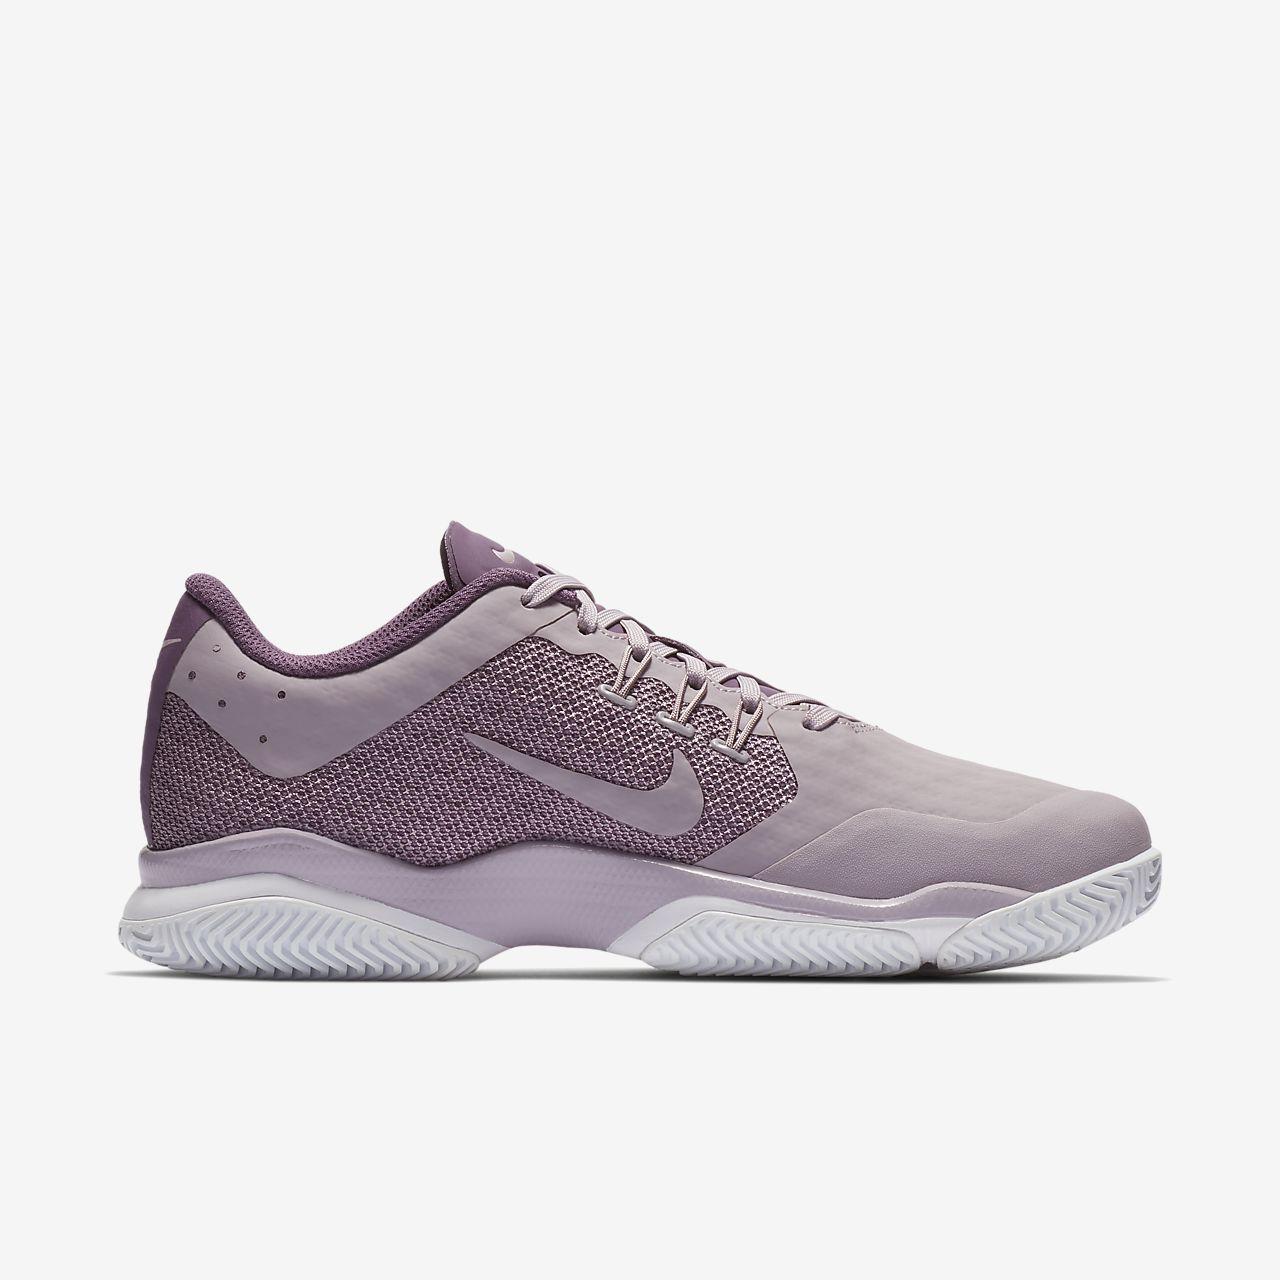 nike tennis shoes zoom